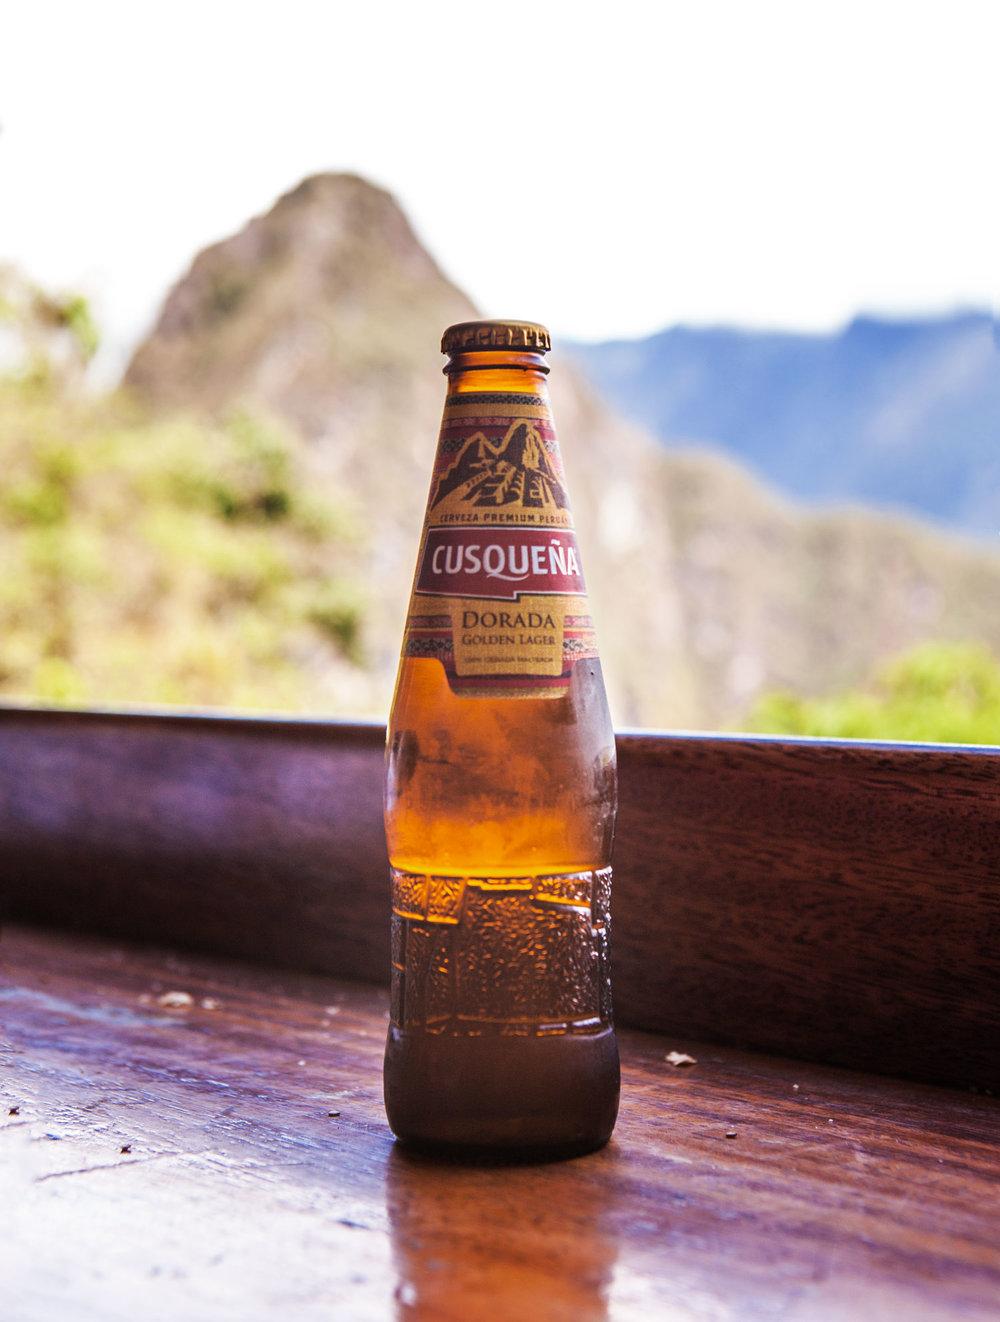 Machu-Picchu-Peru-wander-south-cusquena.jpg